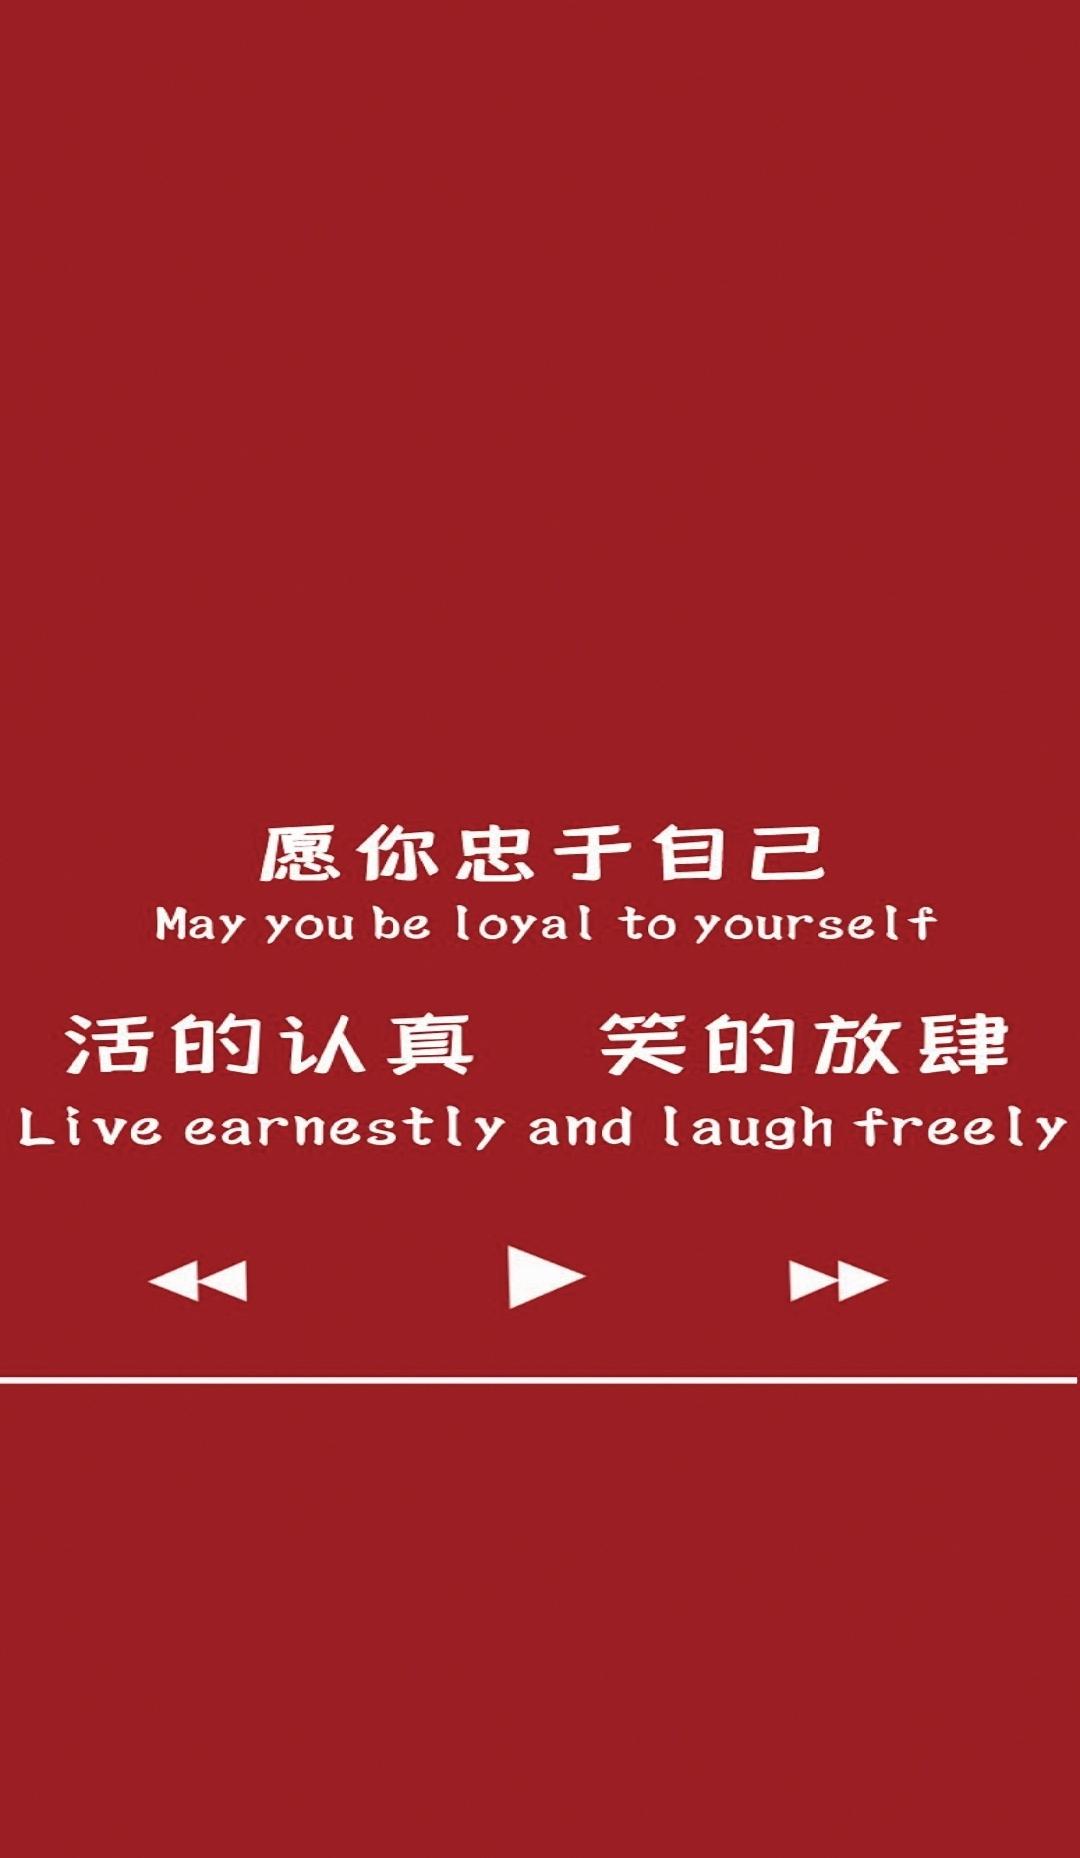 【资源分享】天天悦听 新春版v1.5 音乐下载圣地